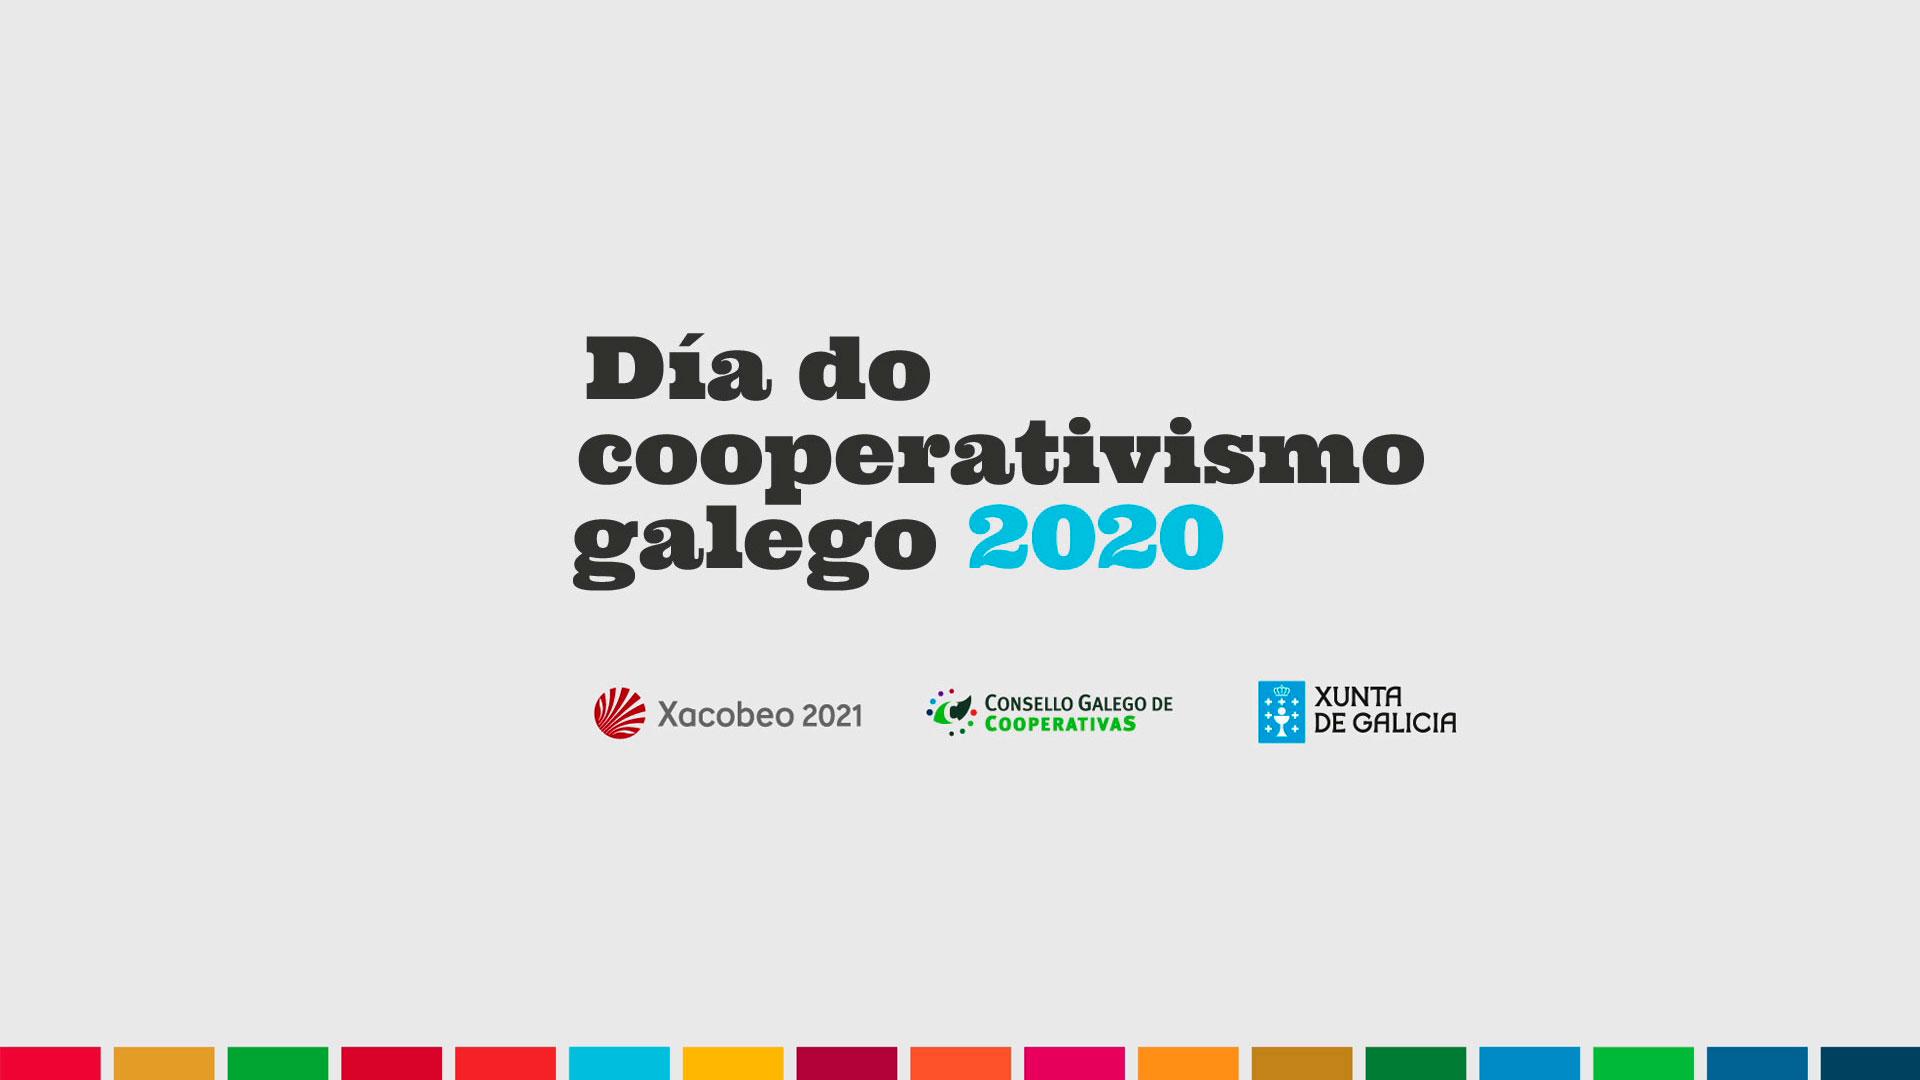 Día do cooperativismo galego 2020